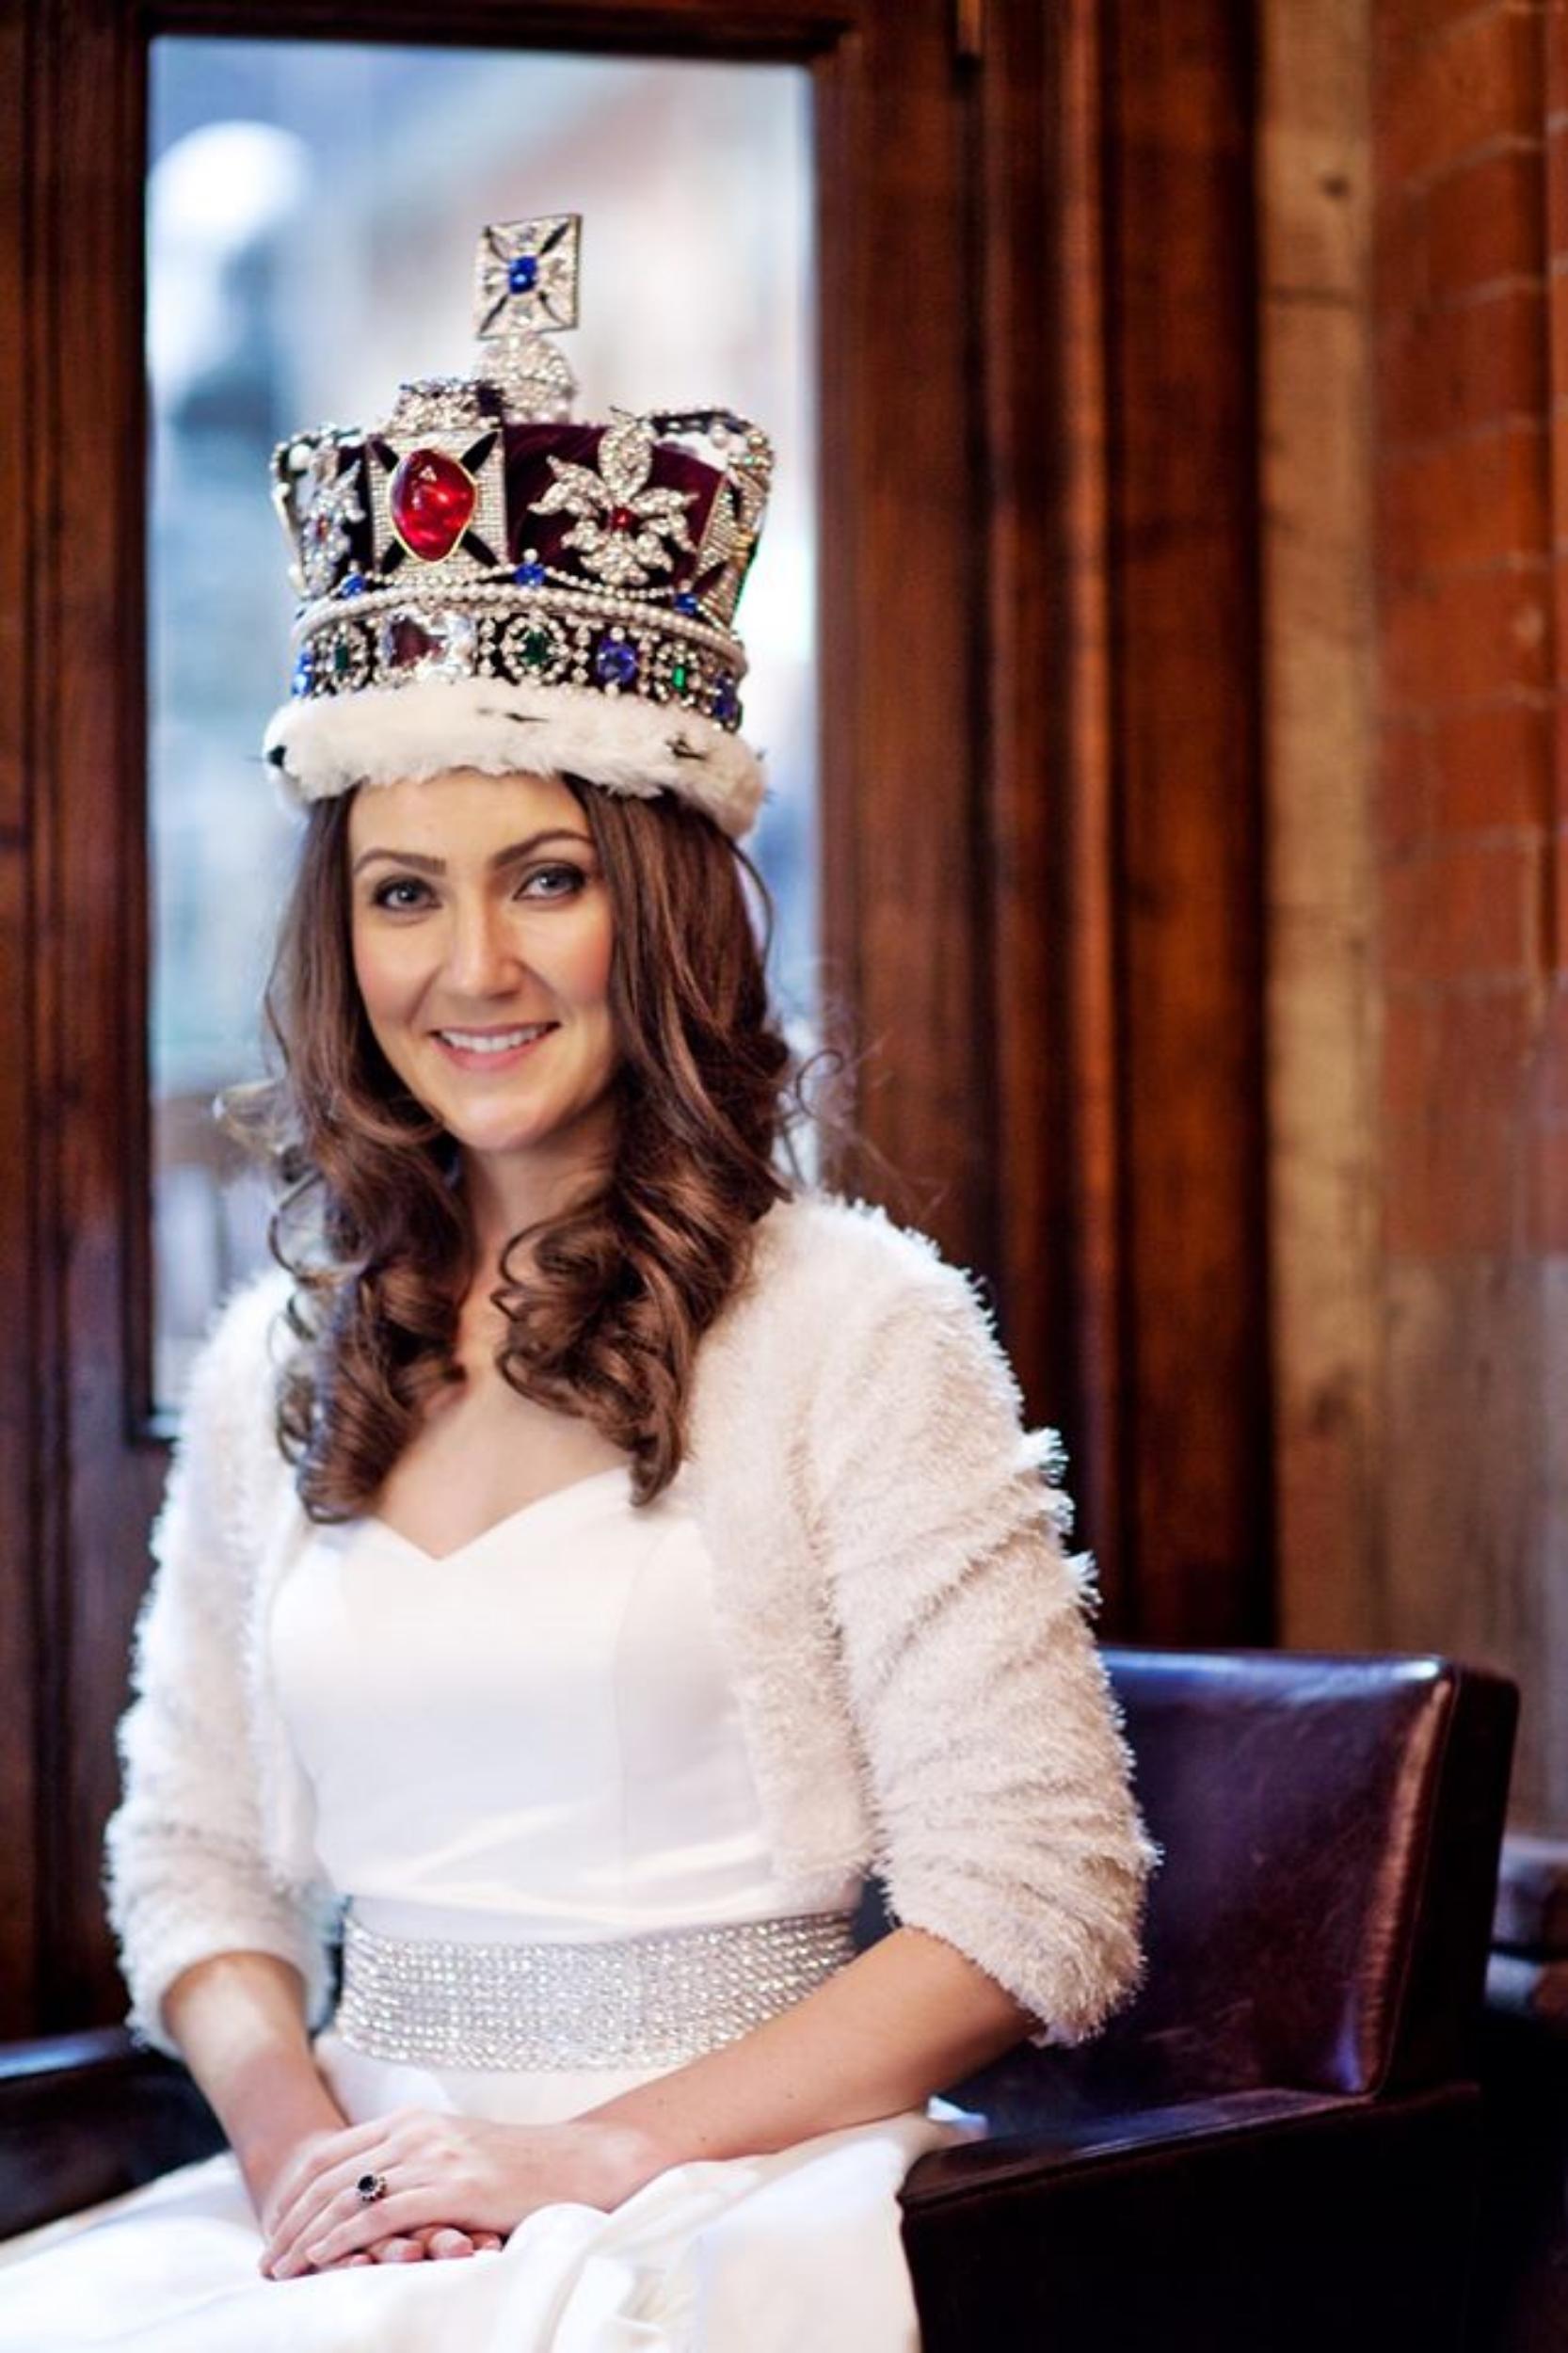 Heidi agan, royal lookalike